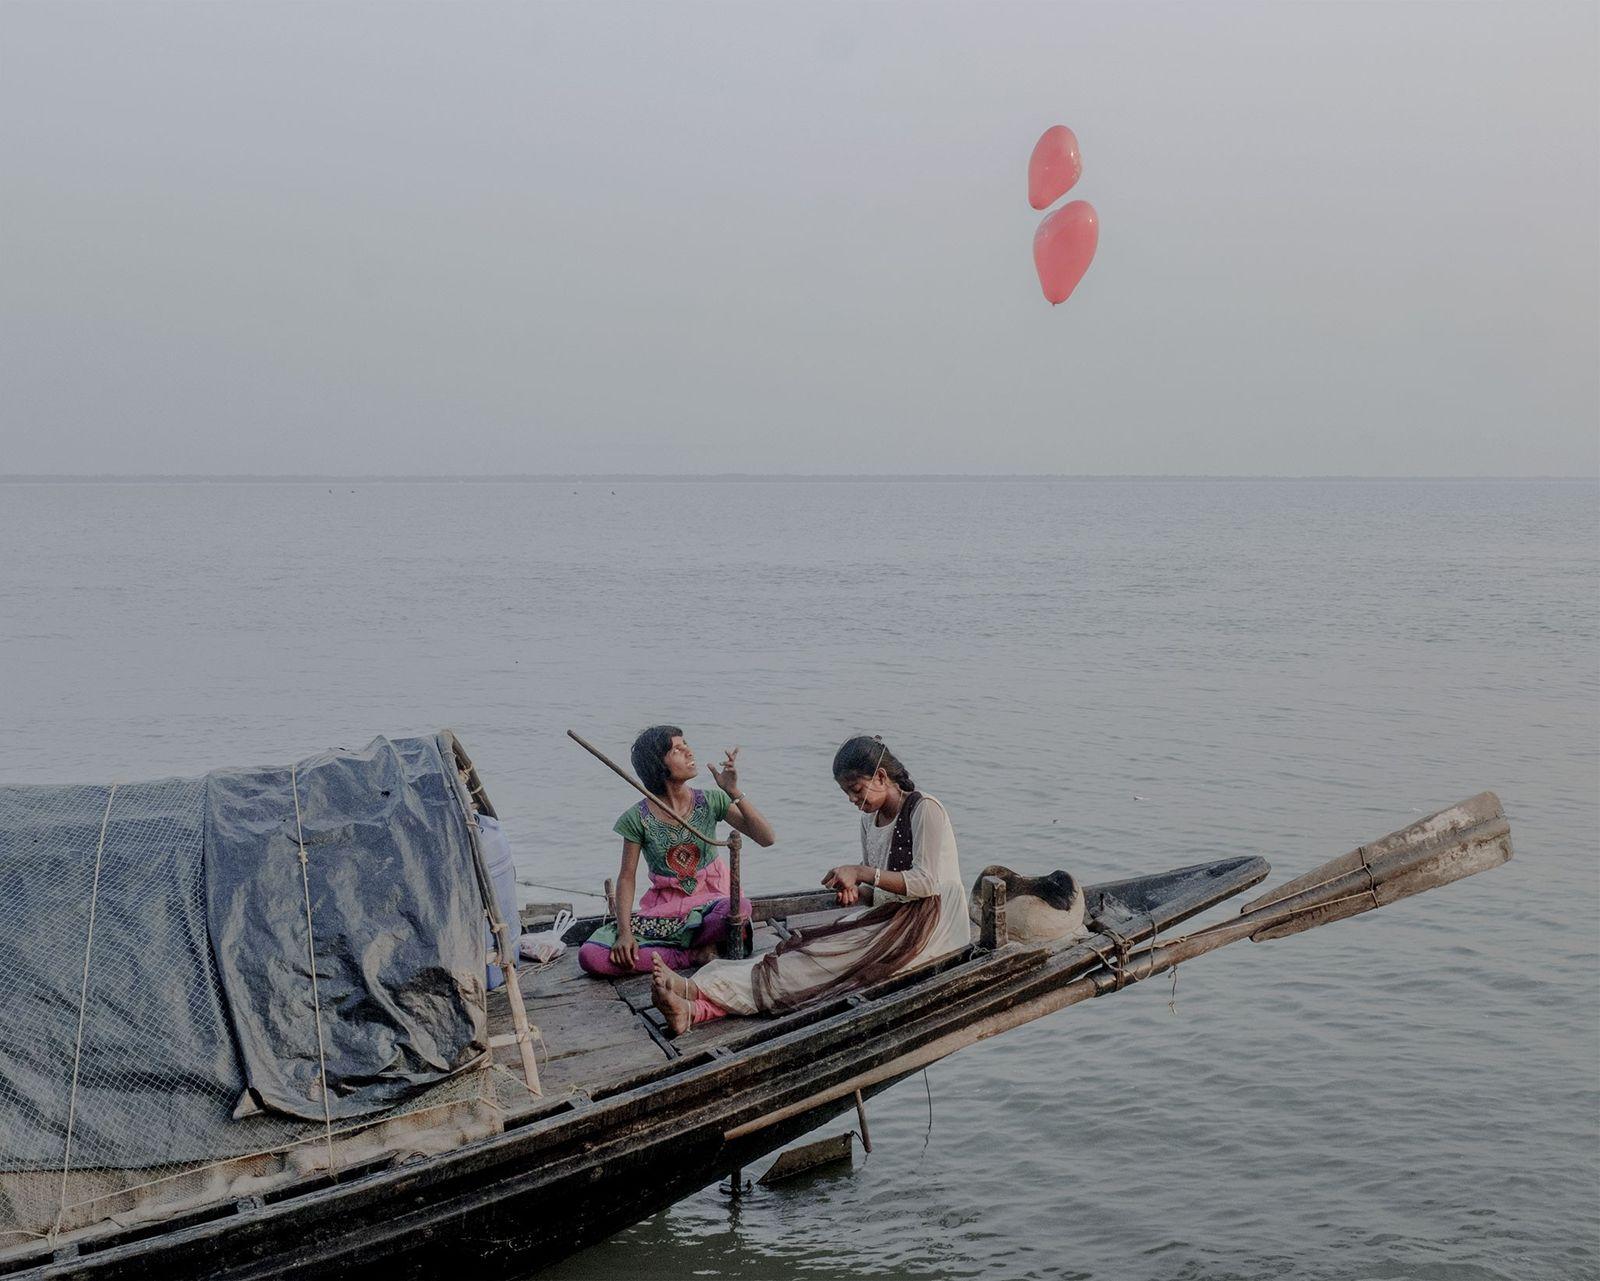 Duas mulheres navegam a bordo de uma embarcação.